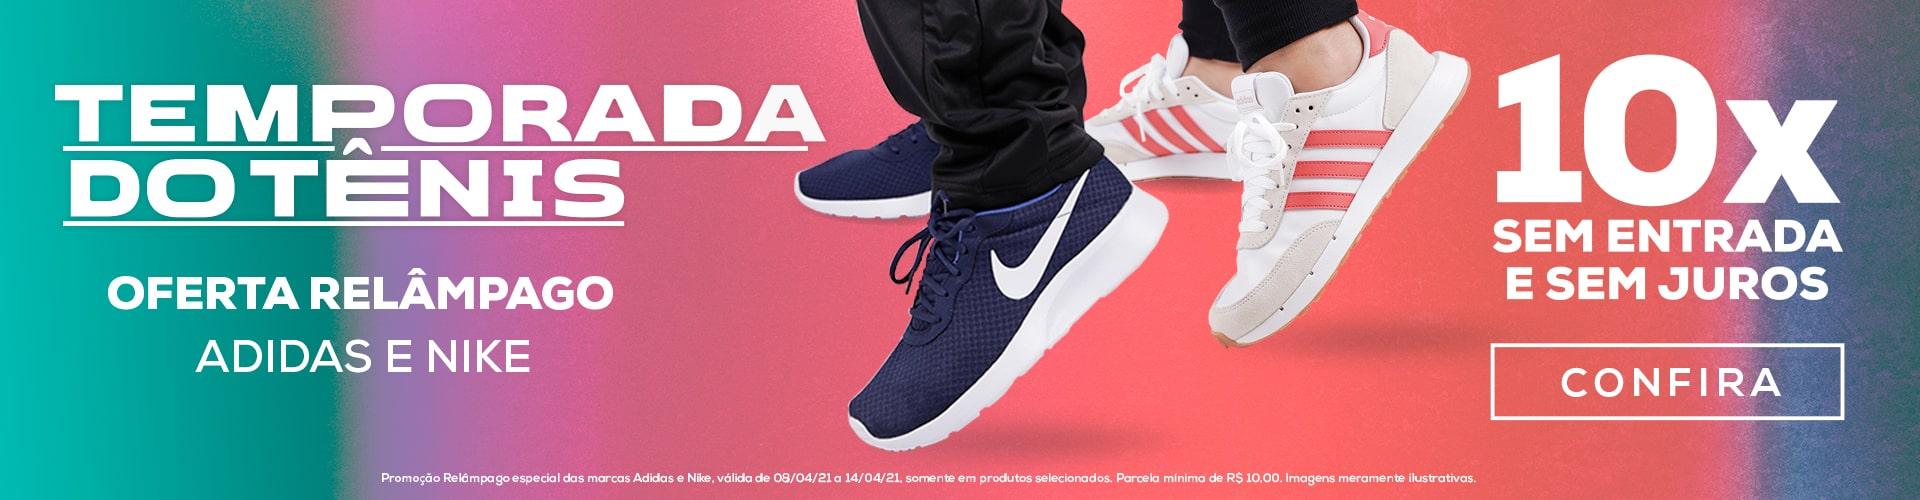 Relâmpago Adidas e Nike